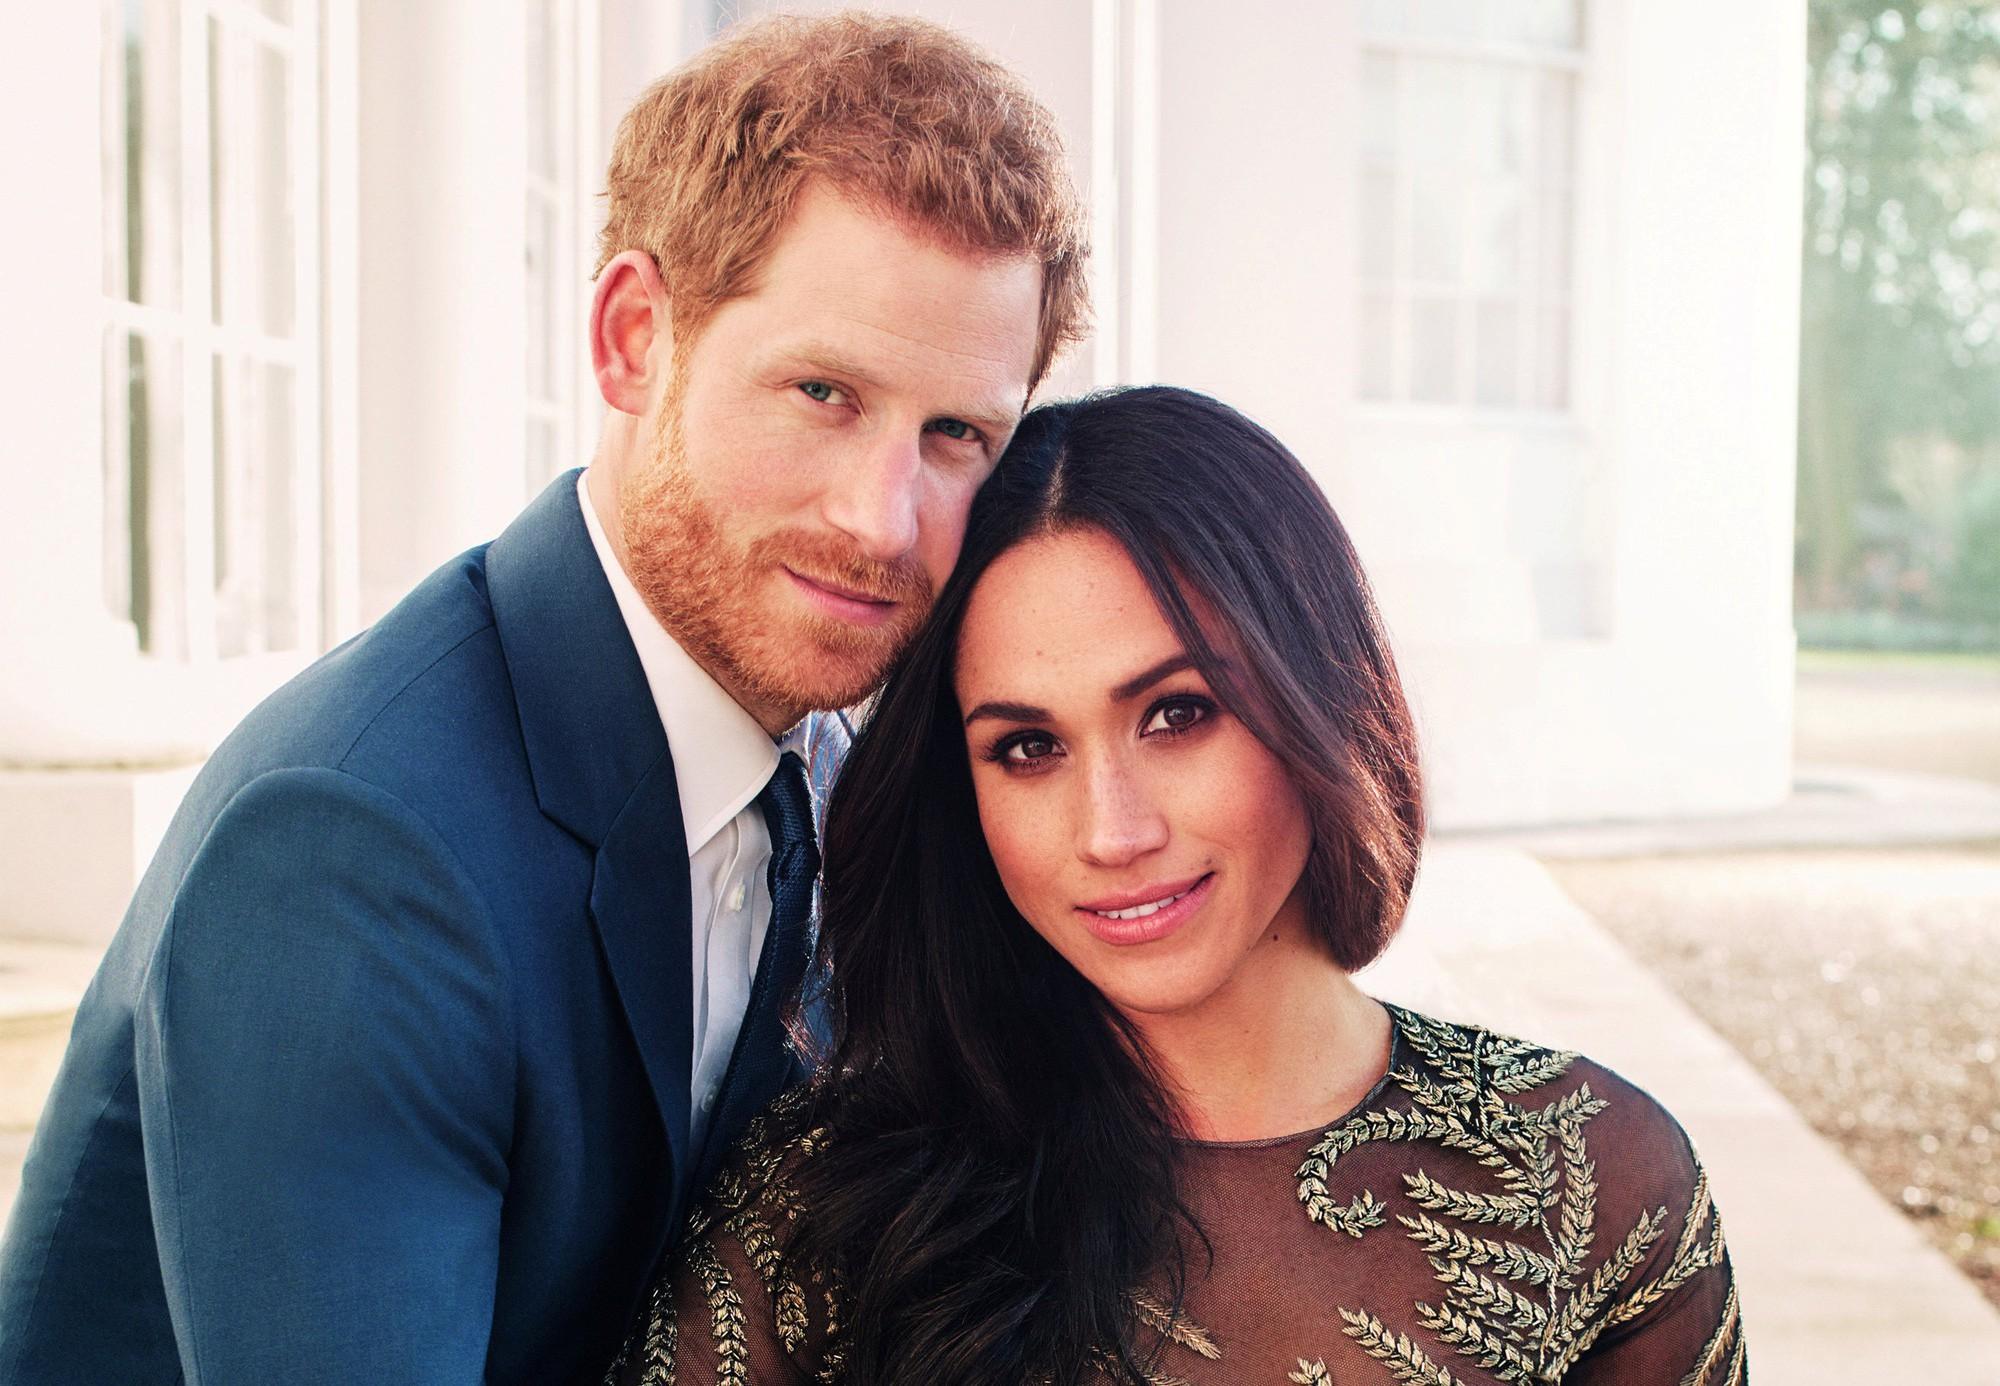 Những đám cưới đẹp như cổ tích trong lịch sử 100 năm hoàng gia Anh - Ảnh 31.